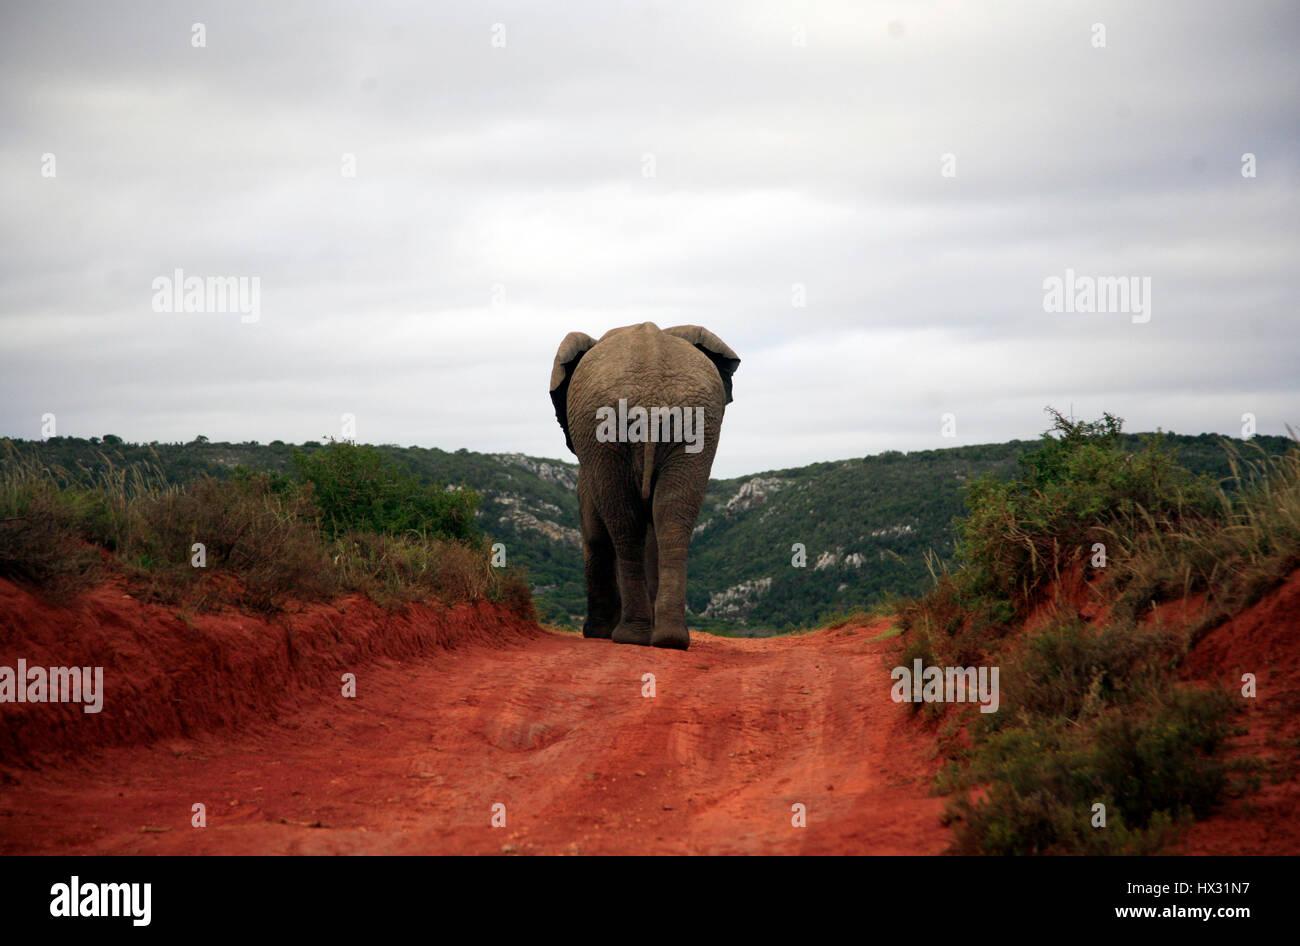 Un éléphant se promène le long d'une piste, lors d'un safari, dans une réserve privée en Afrique du Sud le 19 mars 2017. © John Voos Banque D'Images